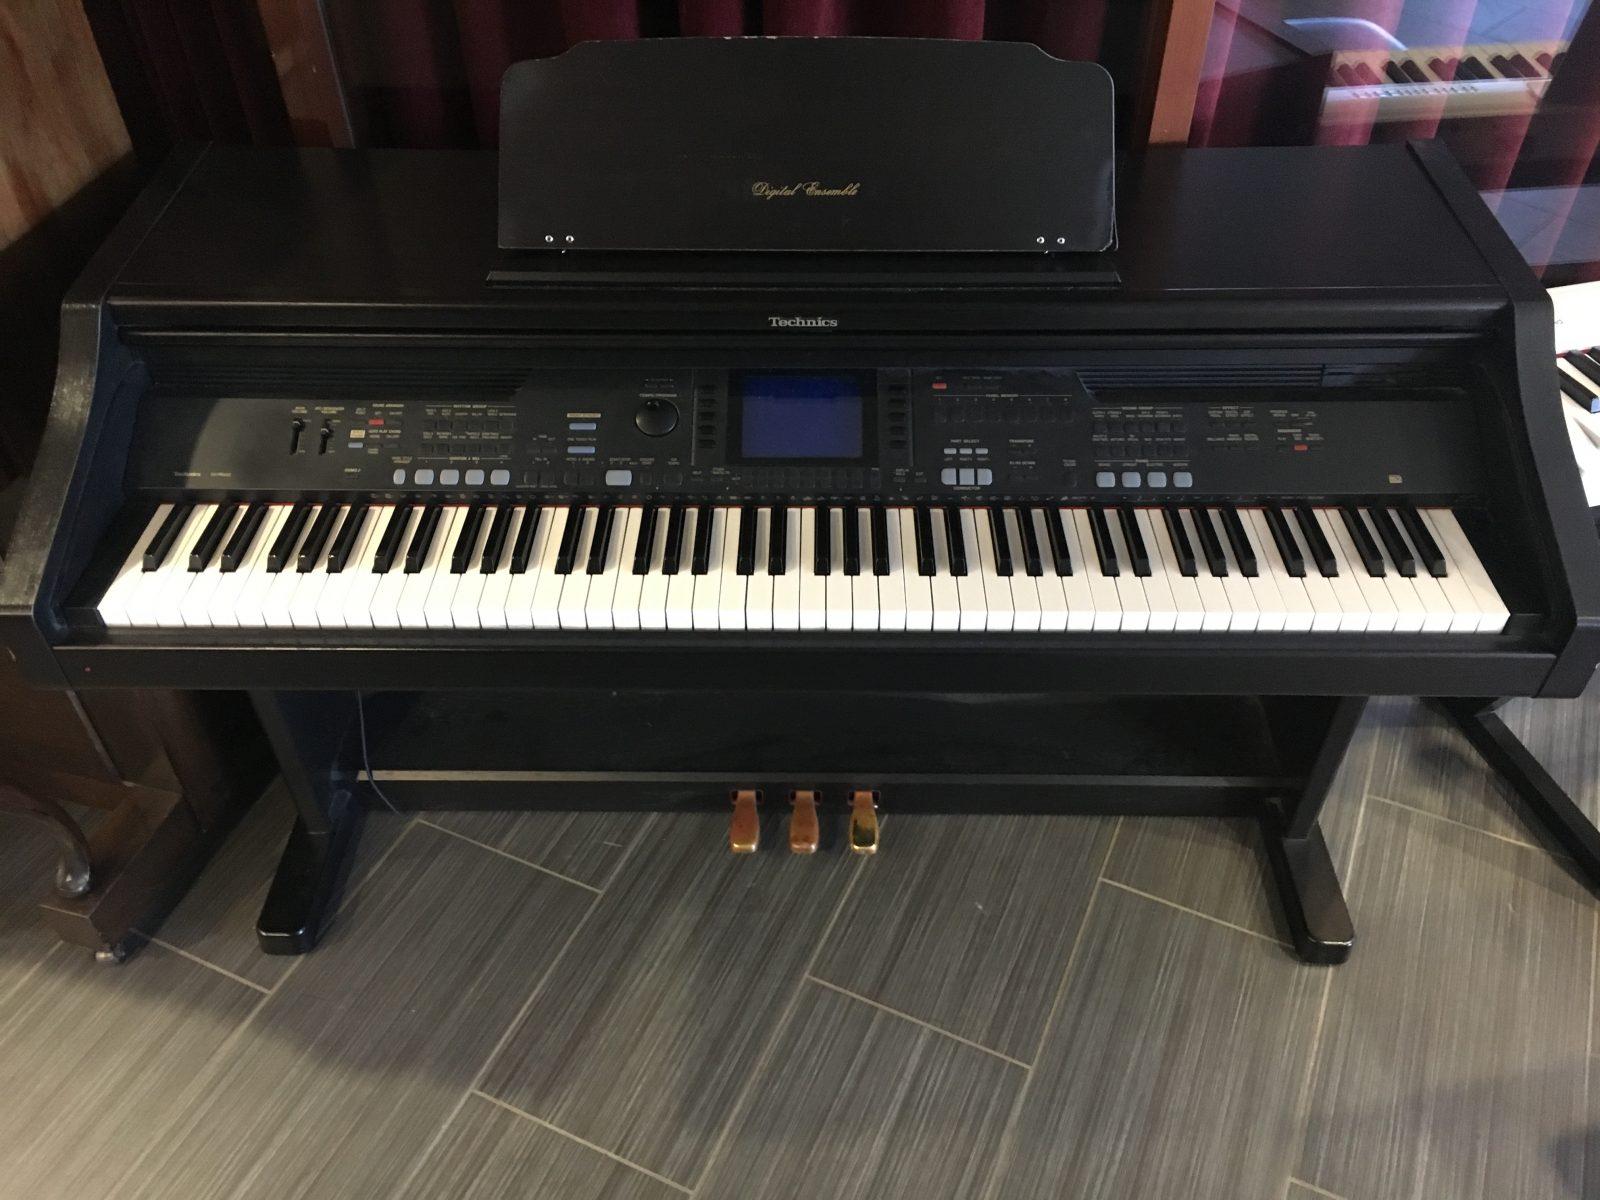 Used Technics SX-PR602 Digital Piano - Merriam Music ...